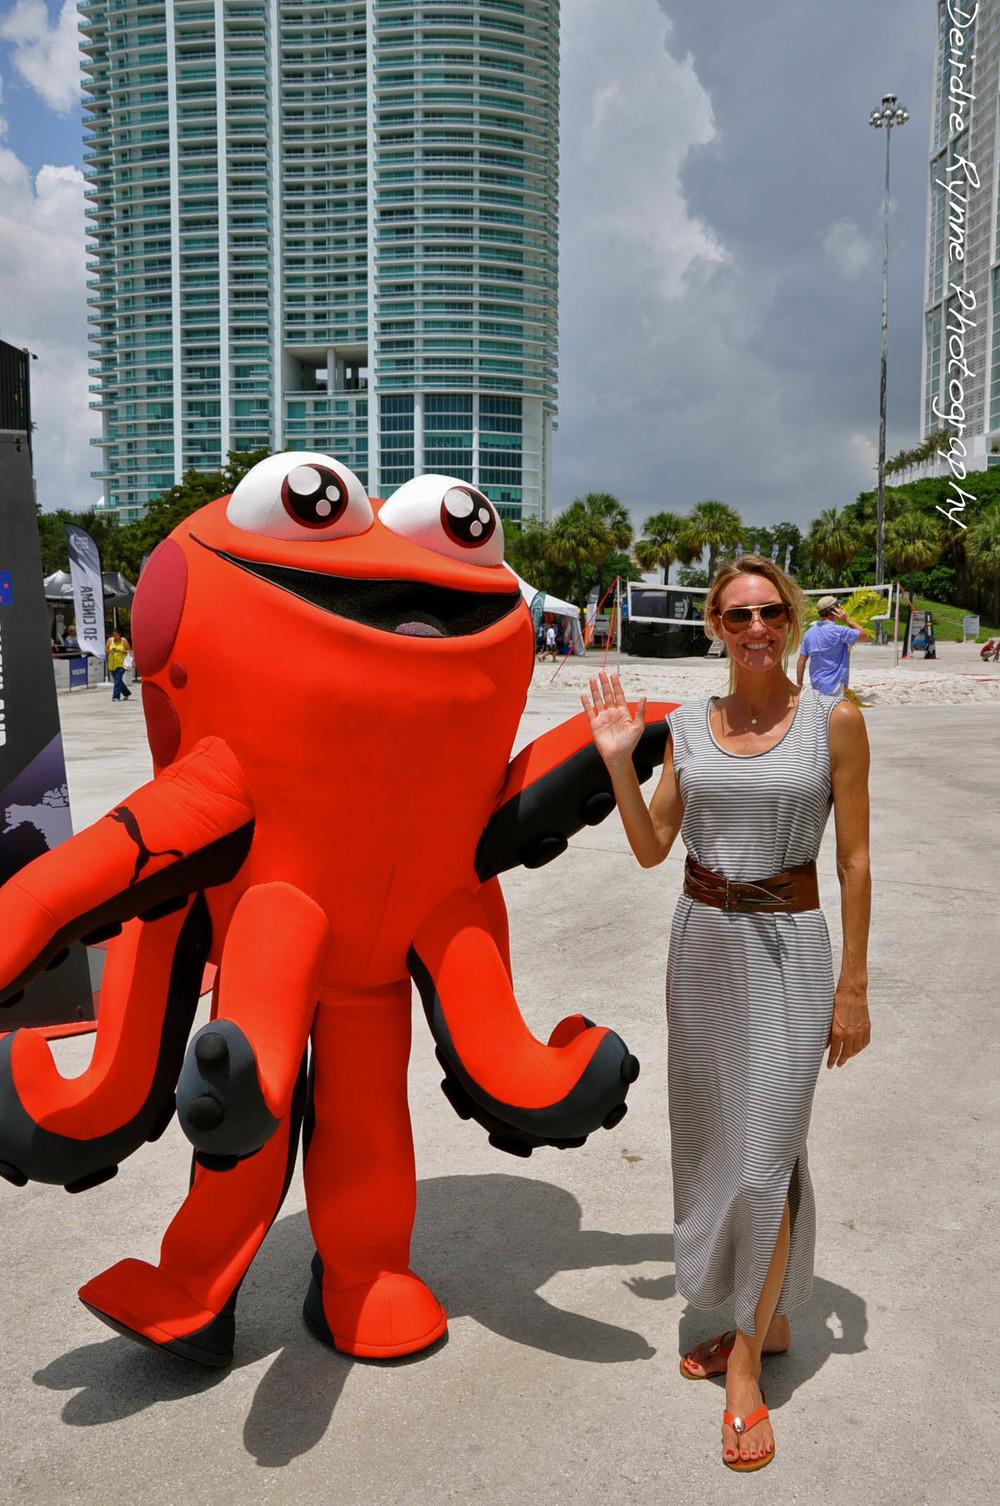 Julie & Mar Mostro- Miami, Florida. May 2012.